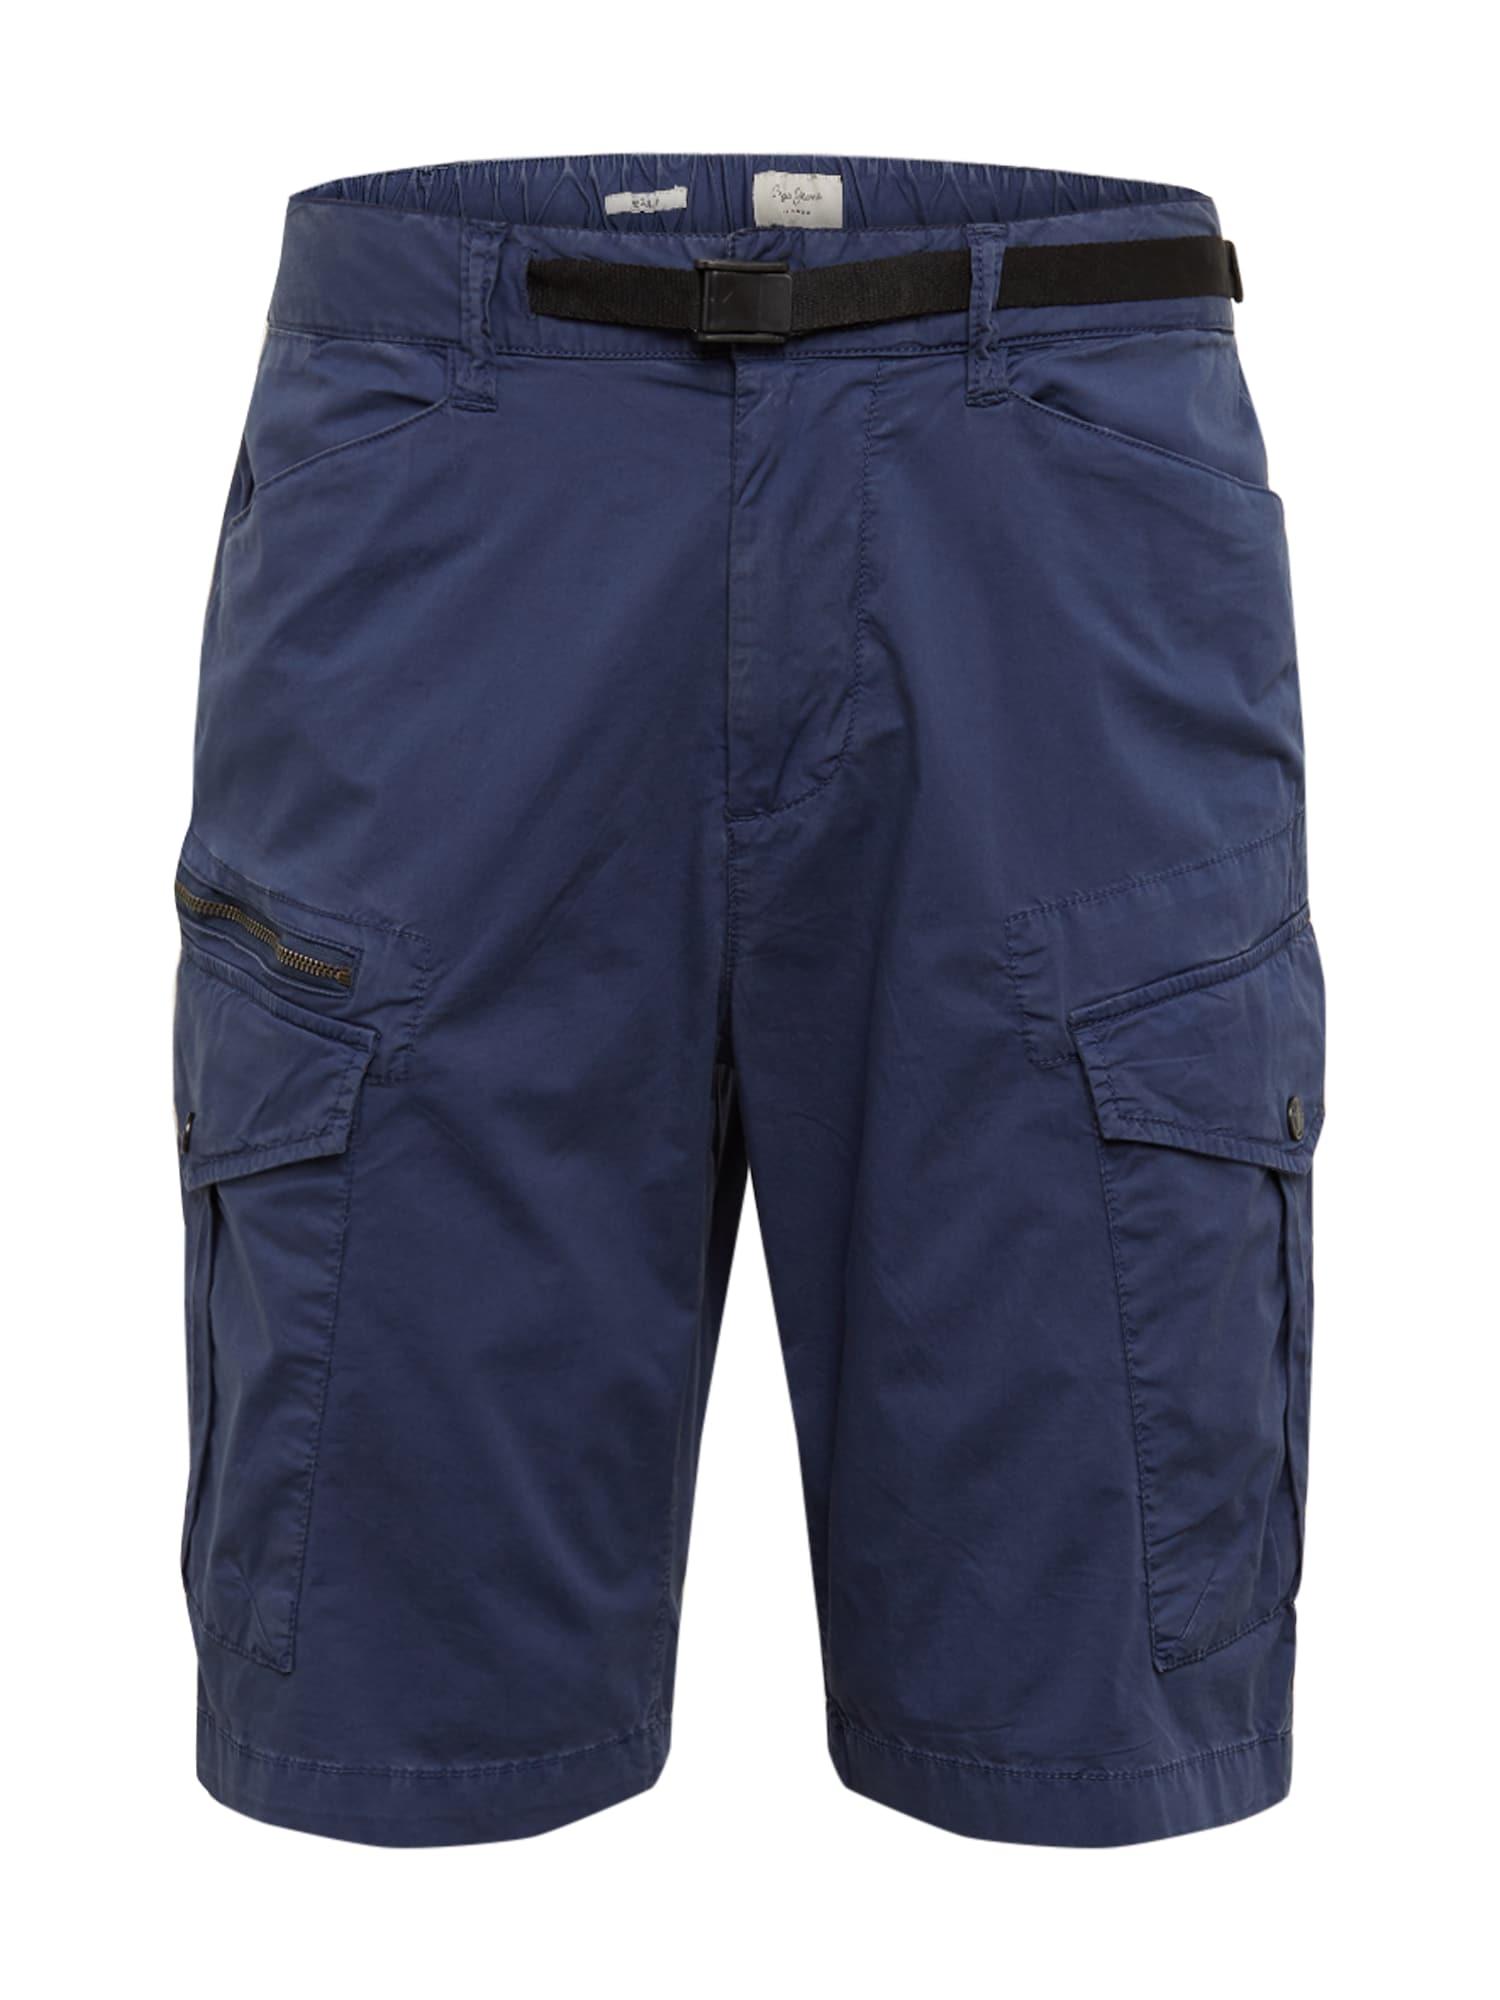 Pepe Jeans Laisvo stiliaus kelnės 'EXPEDIT' tamsiai mėlyna